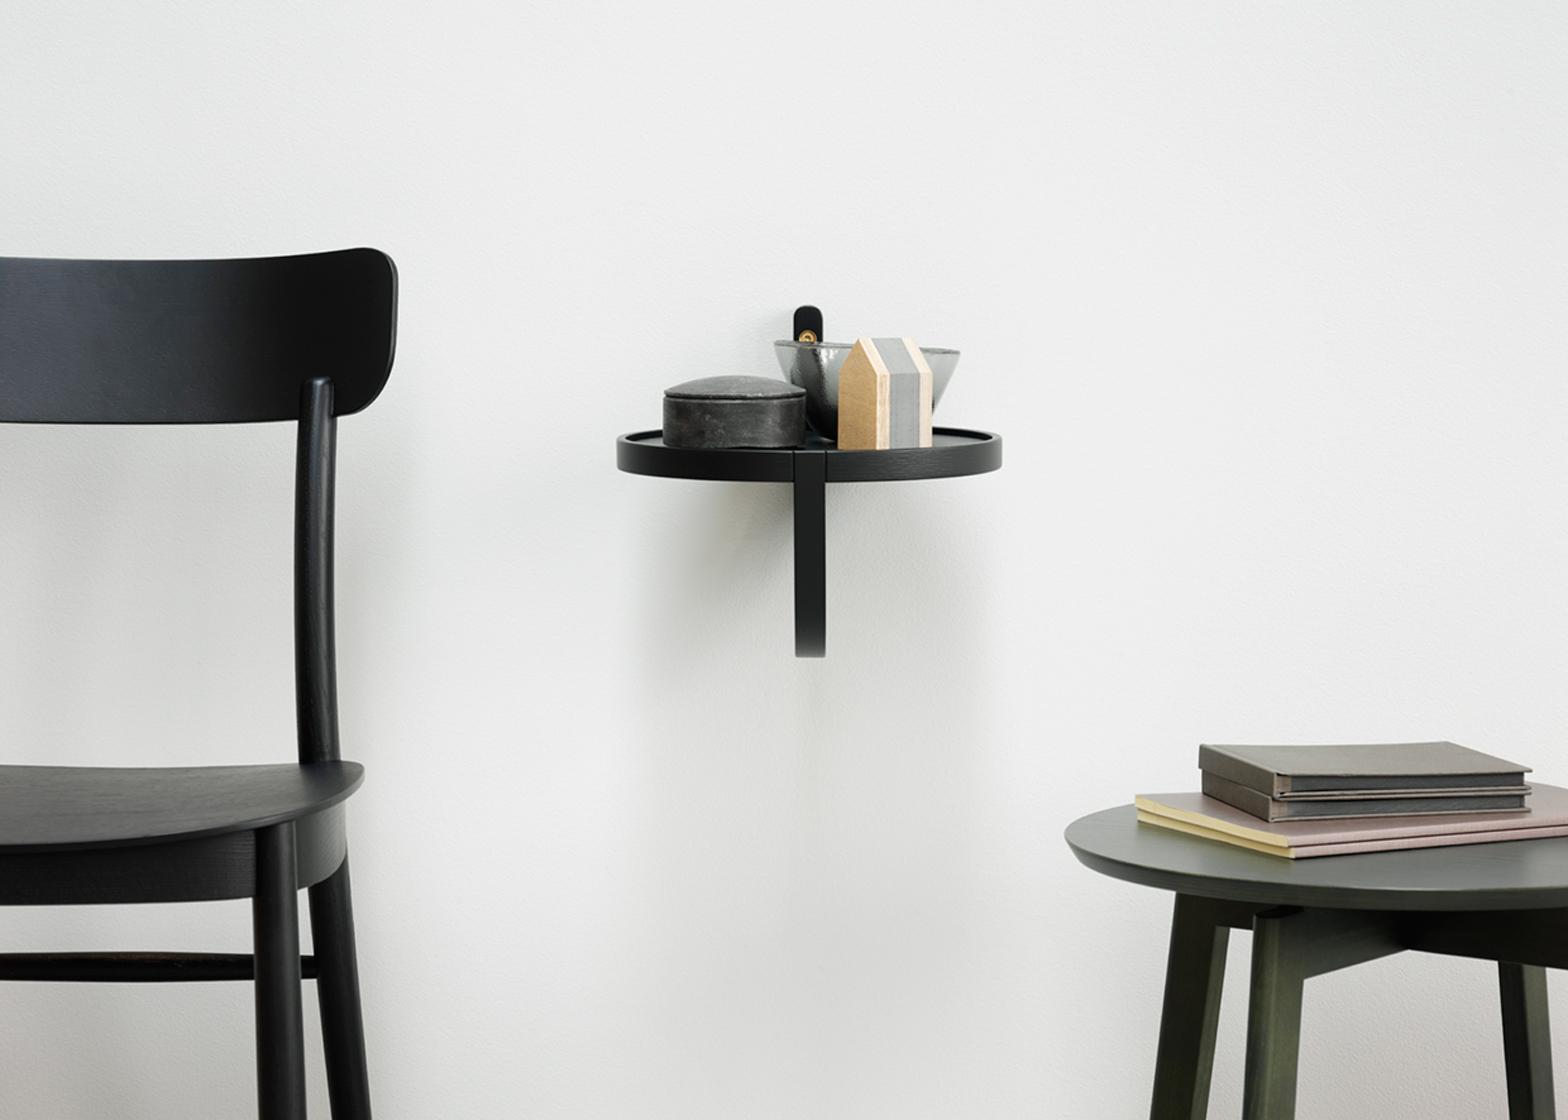 Archetto by Note Design Studio for Fogia